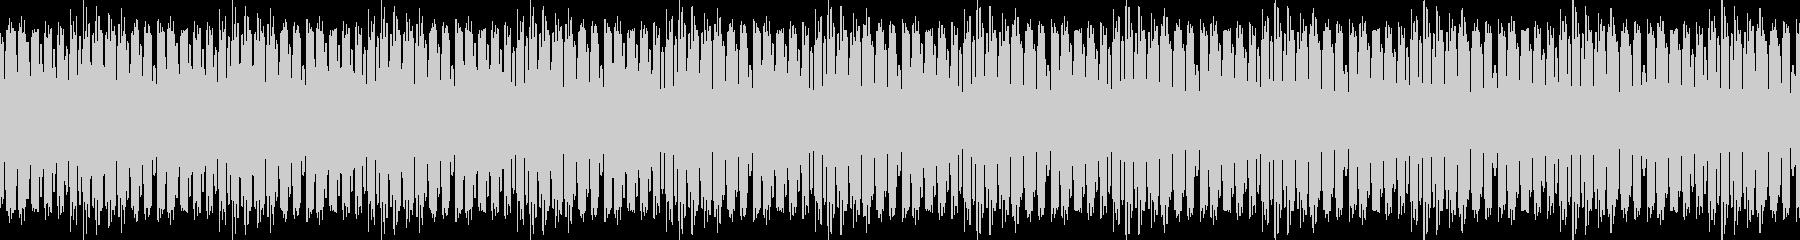 AMGアナログFX45の未再生の波形